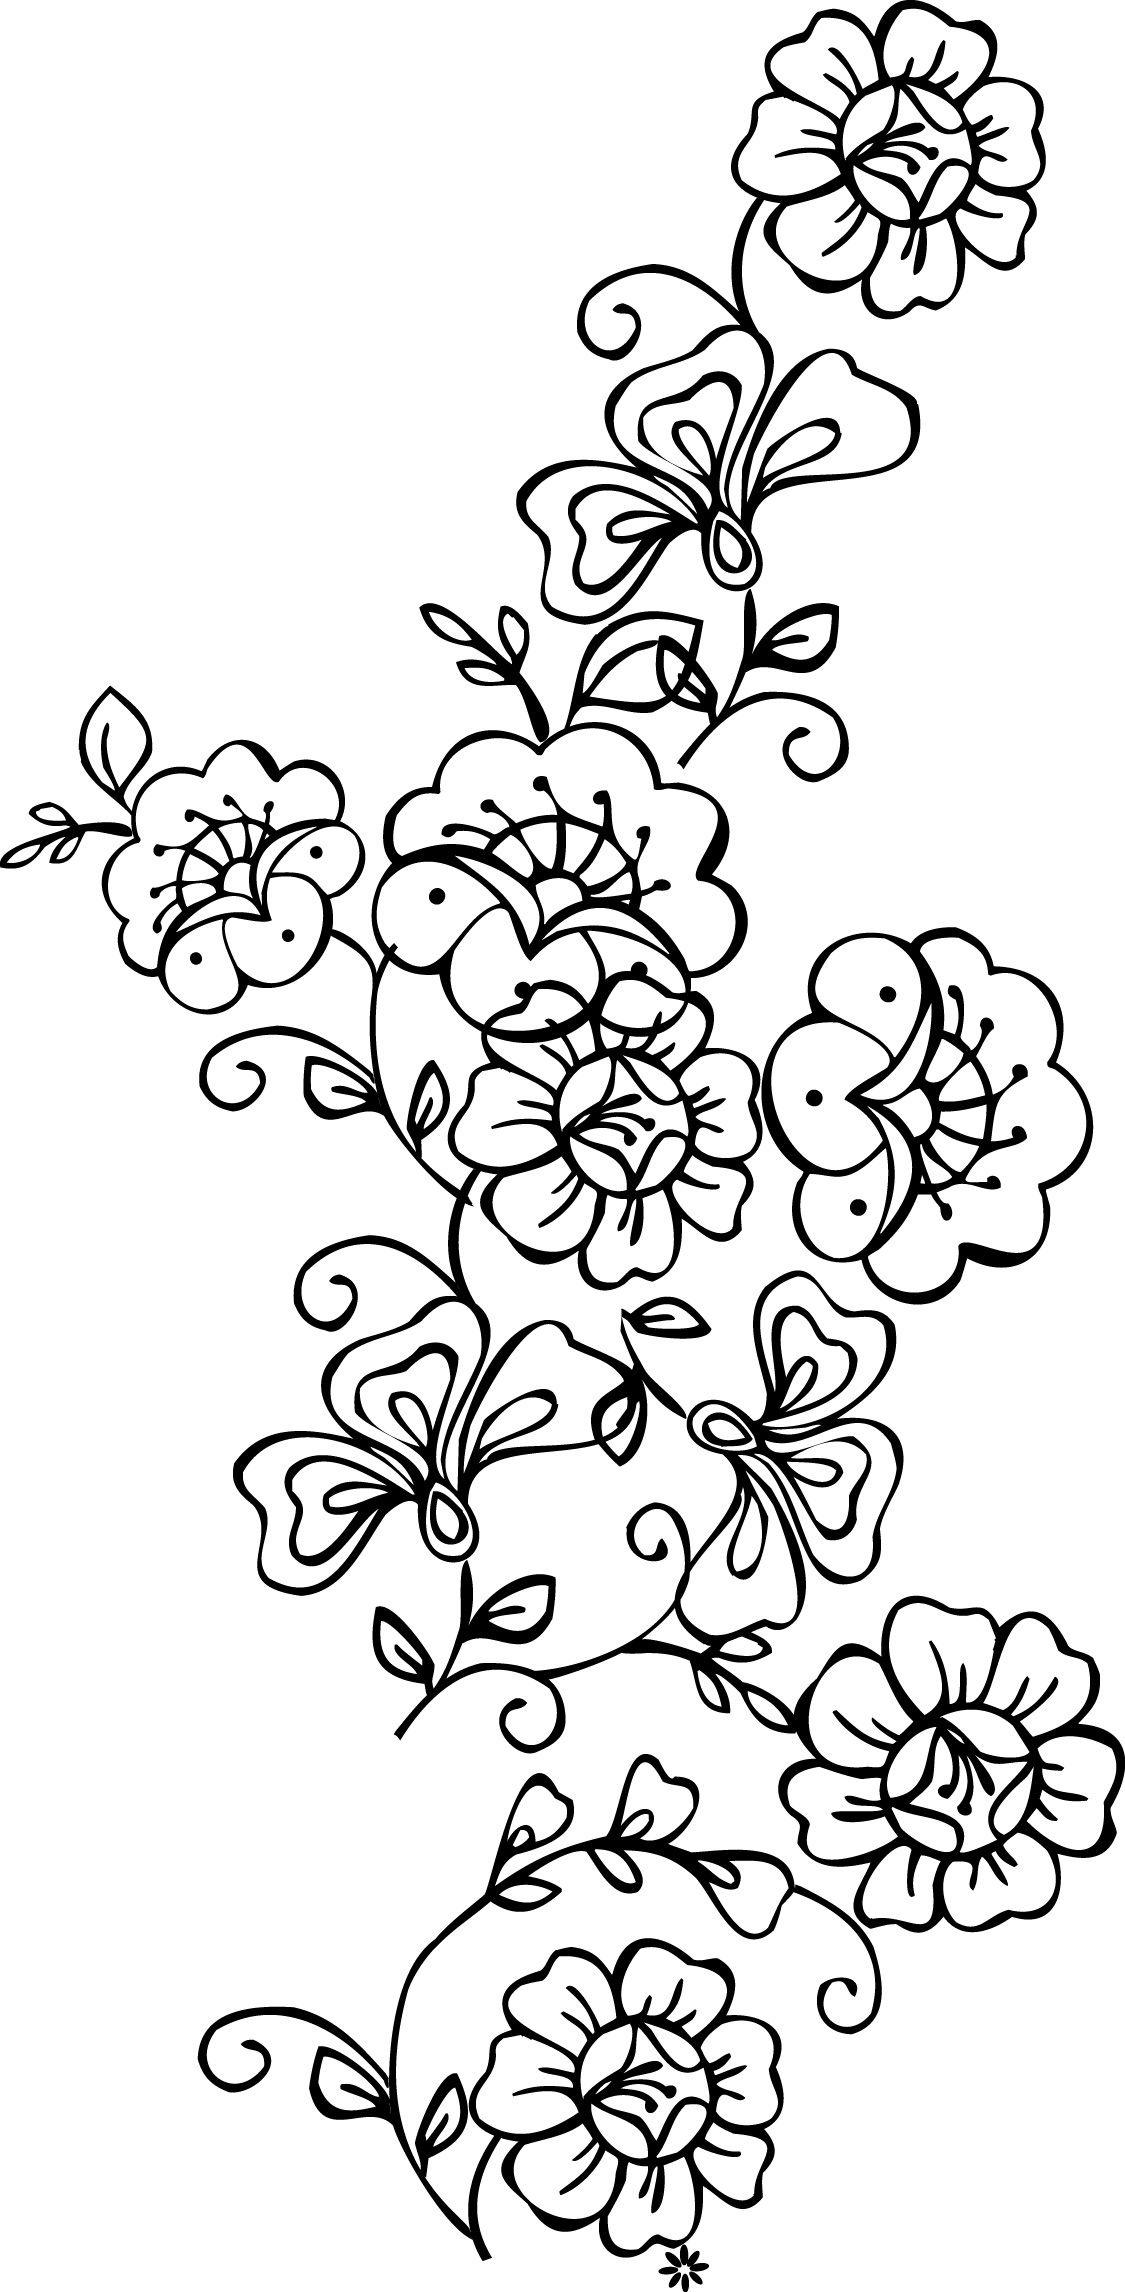 Free Printable Stencils Of Trees | Stencils Designs Free Printable - Free Printable Stencils